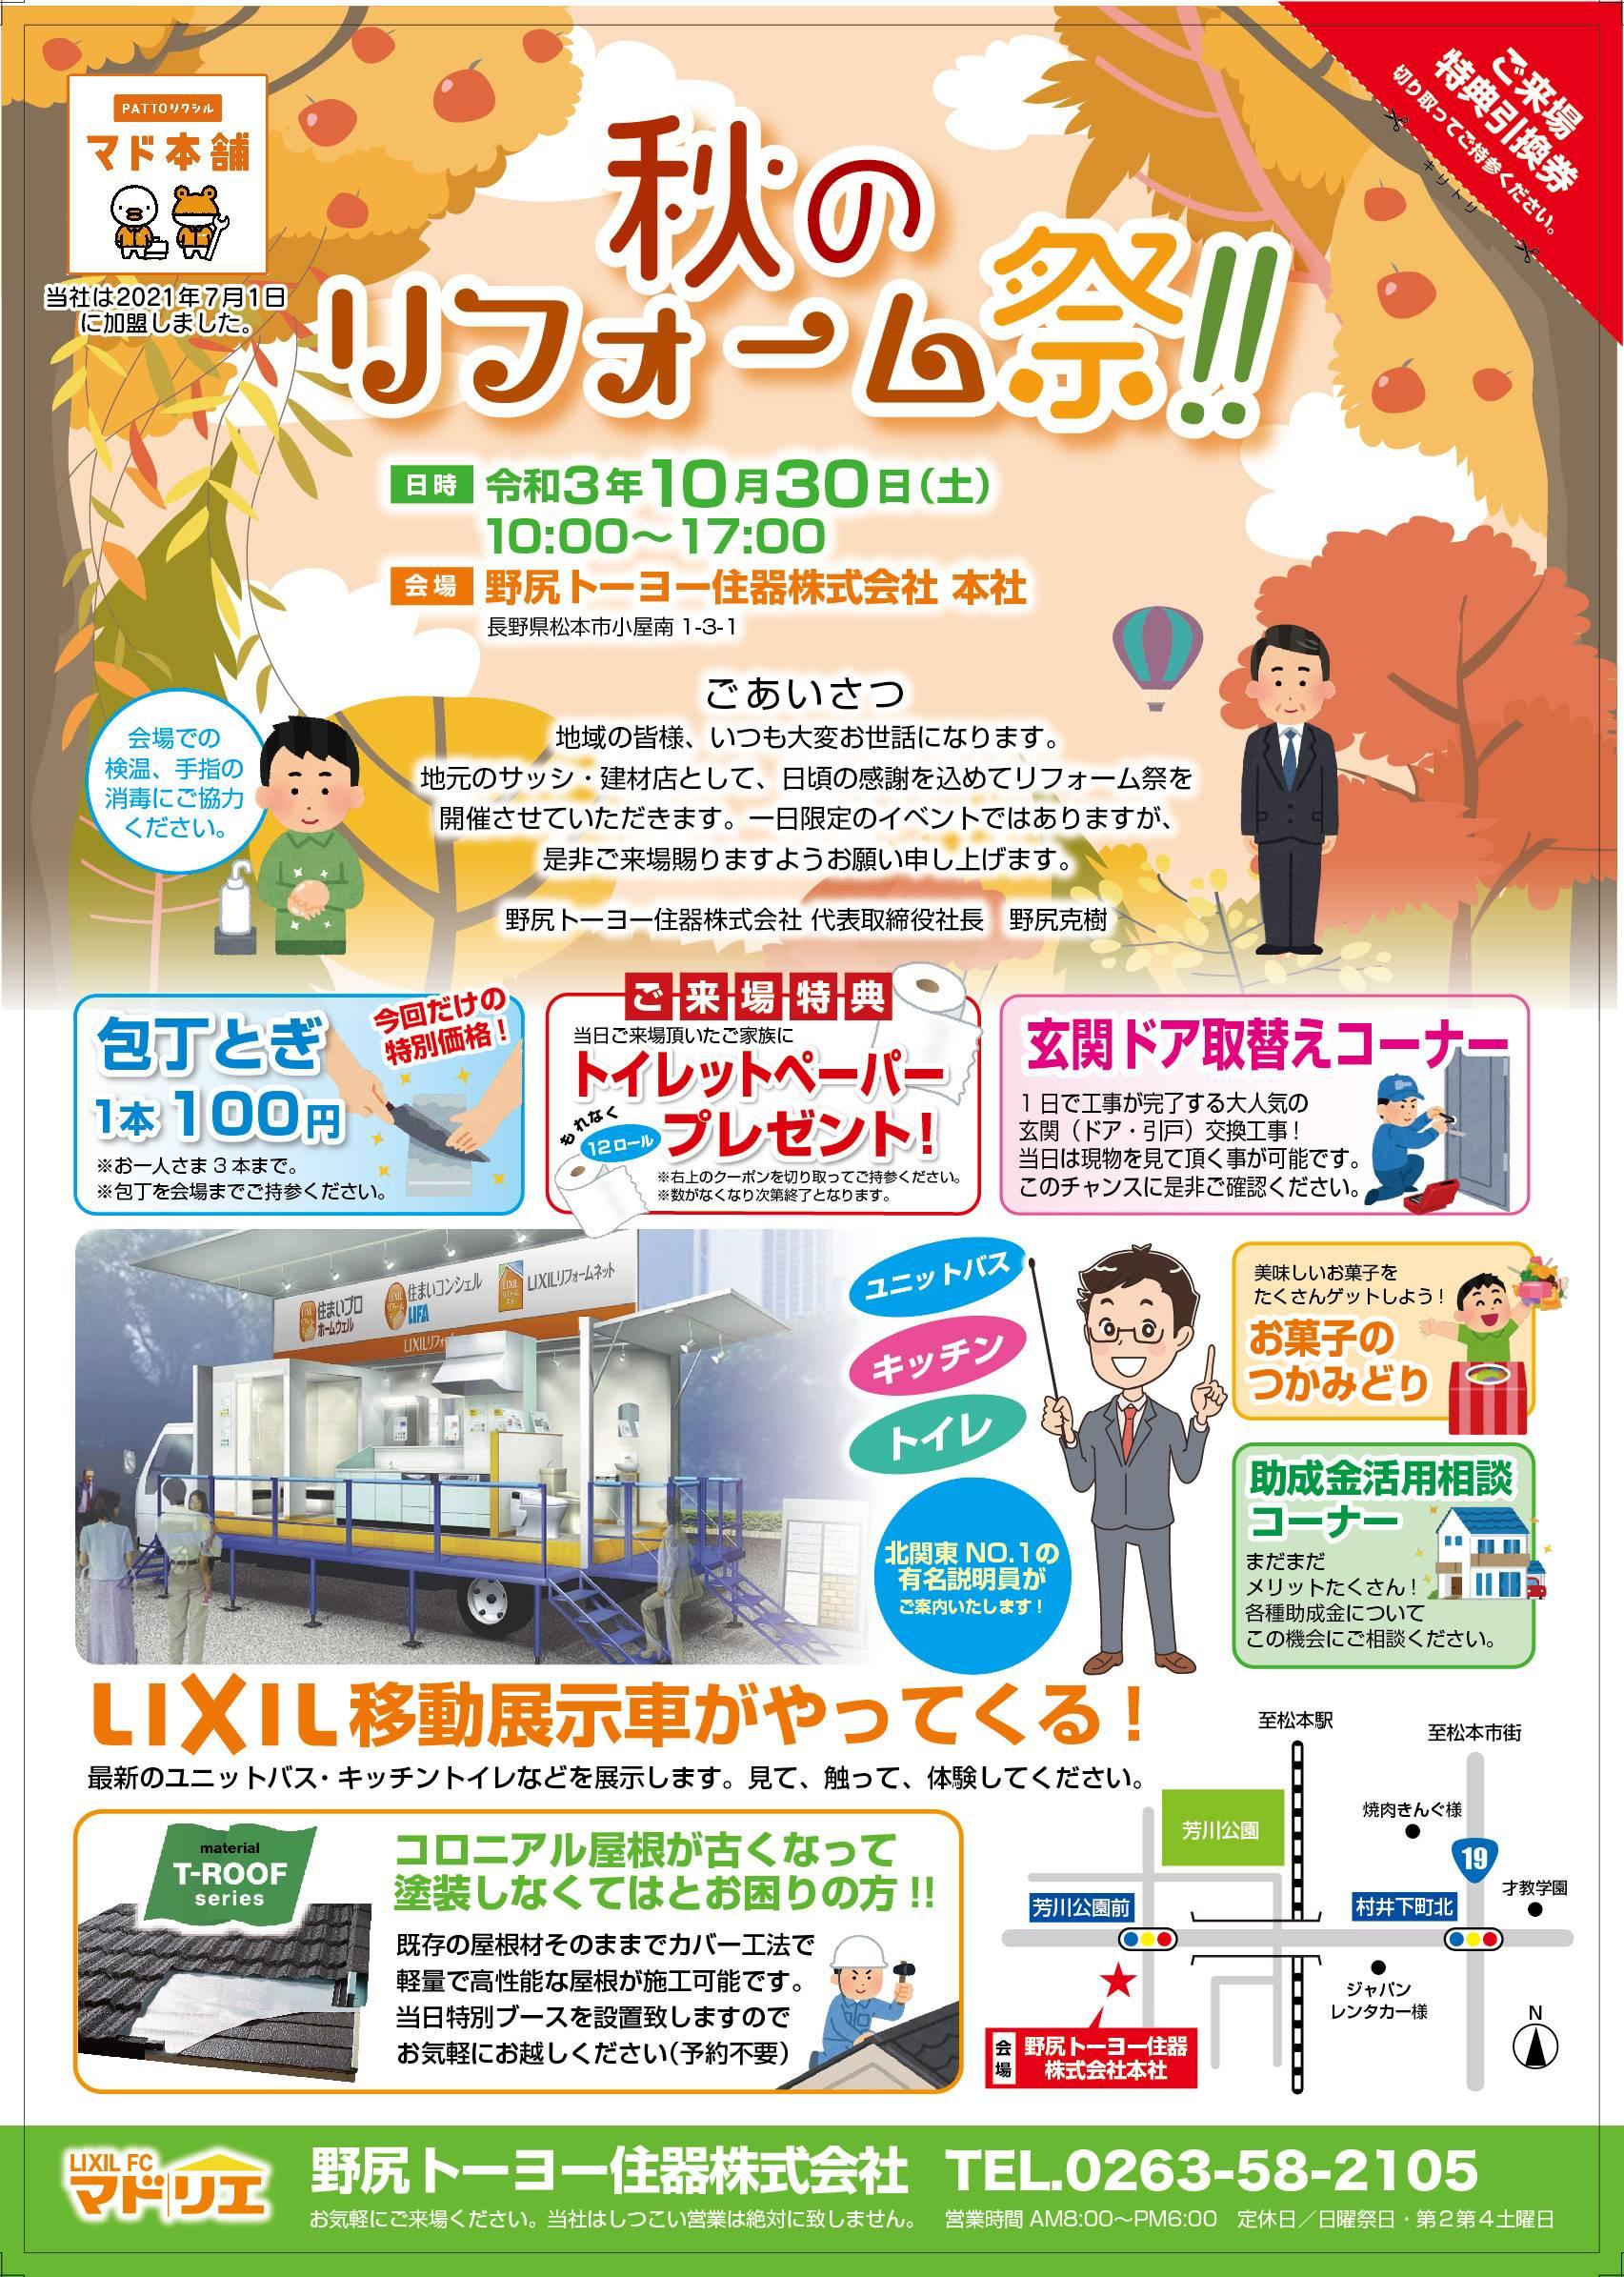 秋のリフォーム祭り開催のお知らせです 野尻トーヨー住器のイベントキャンペーン 写真3